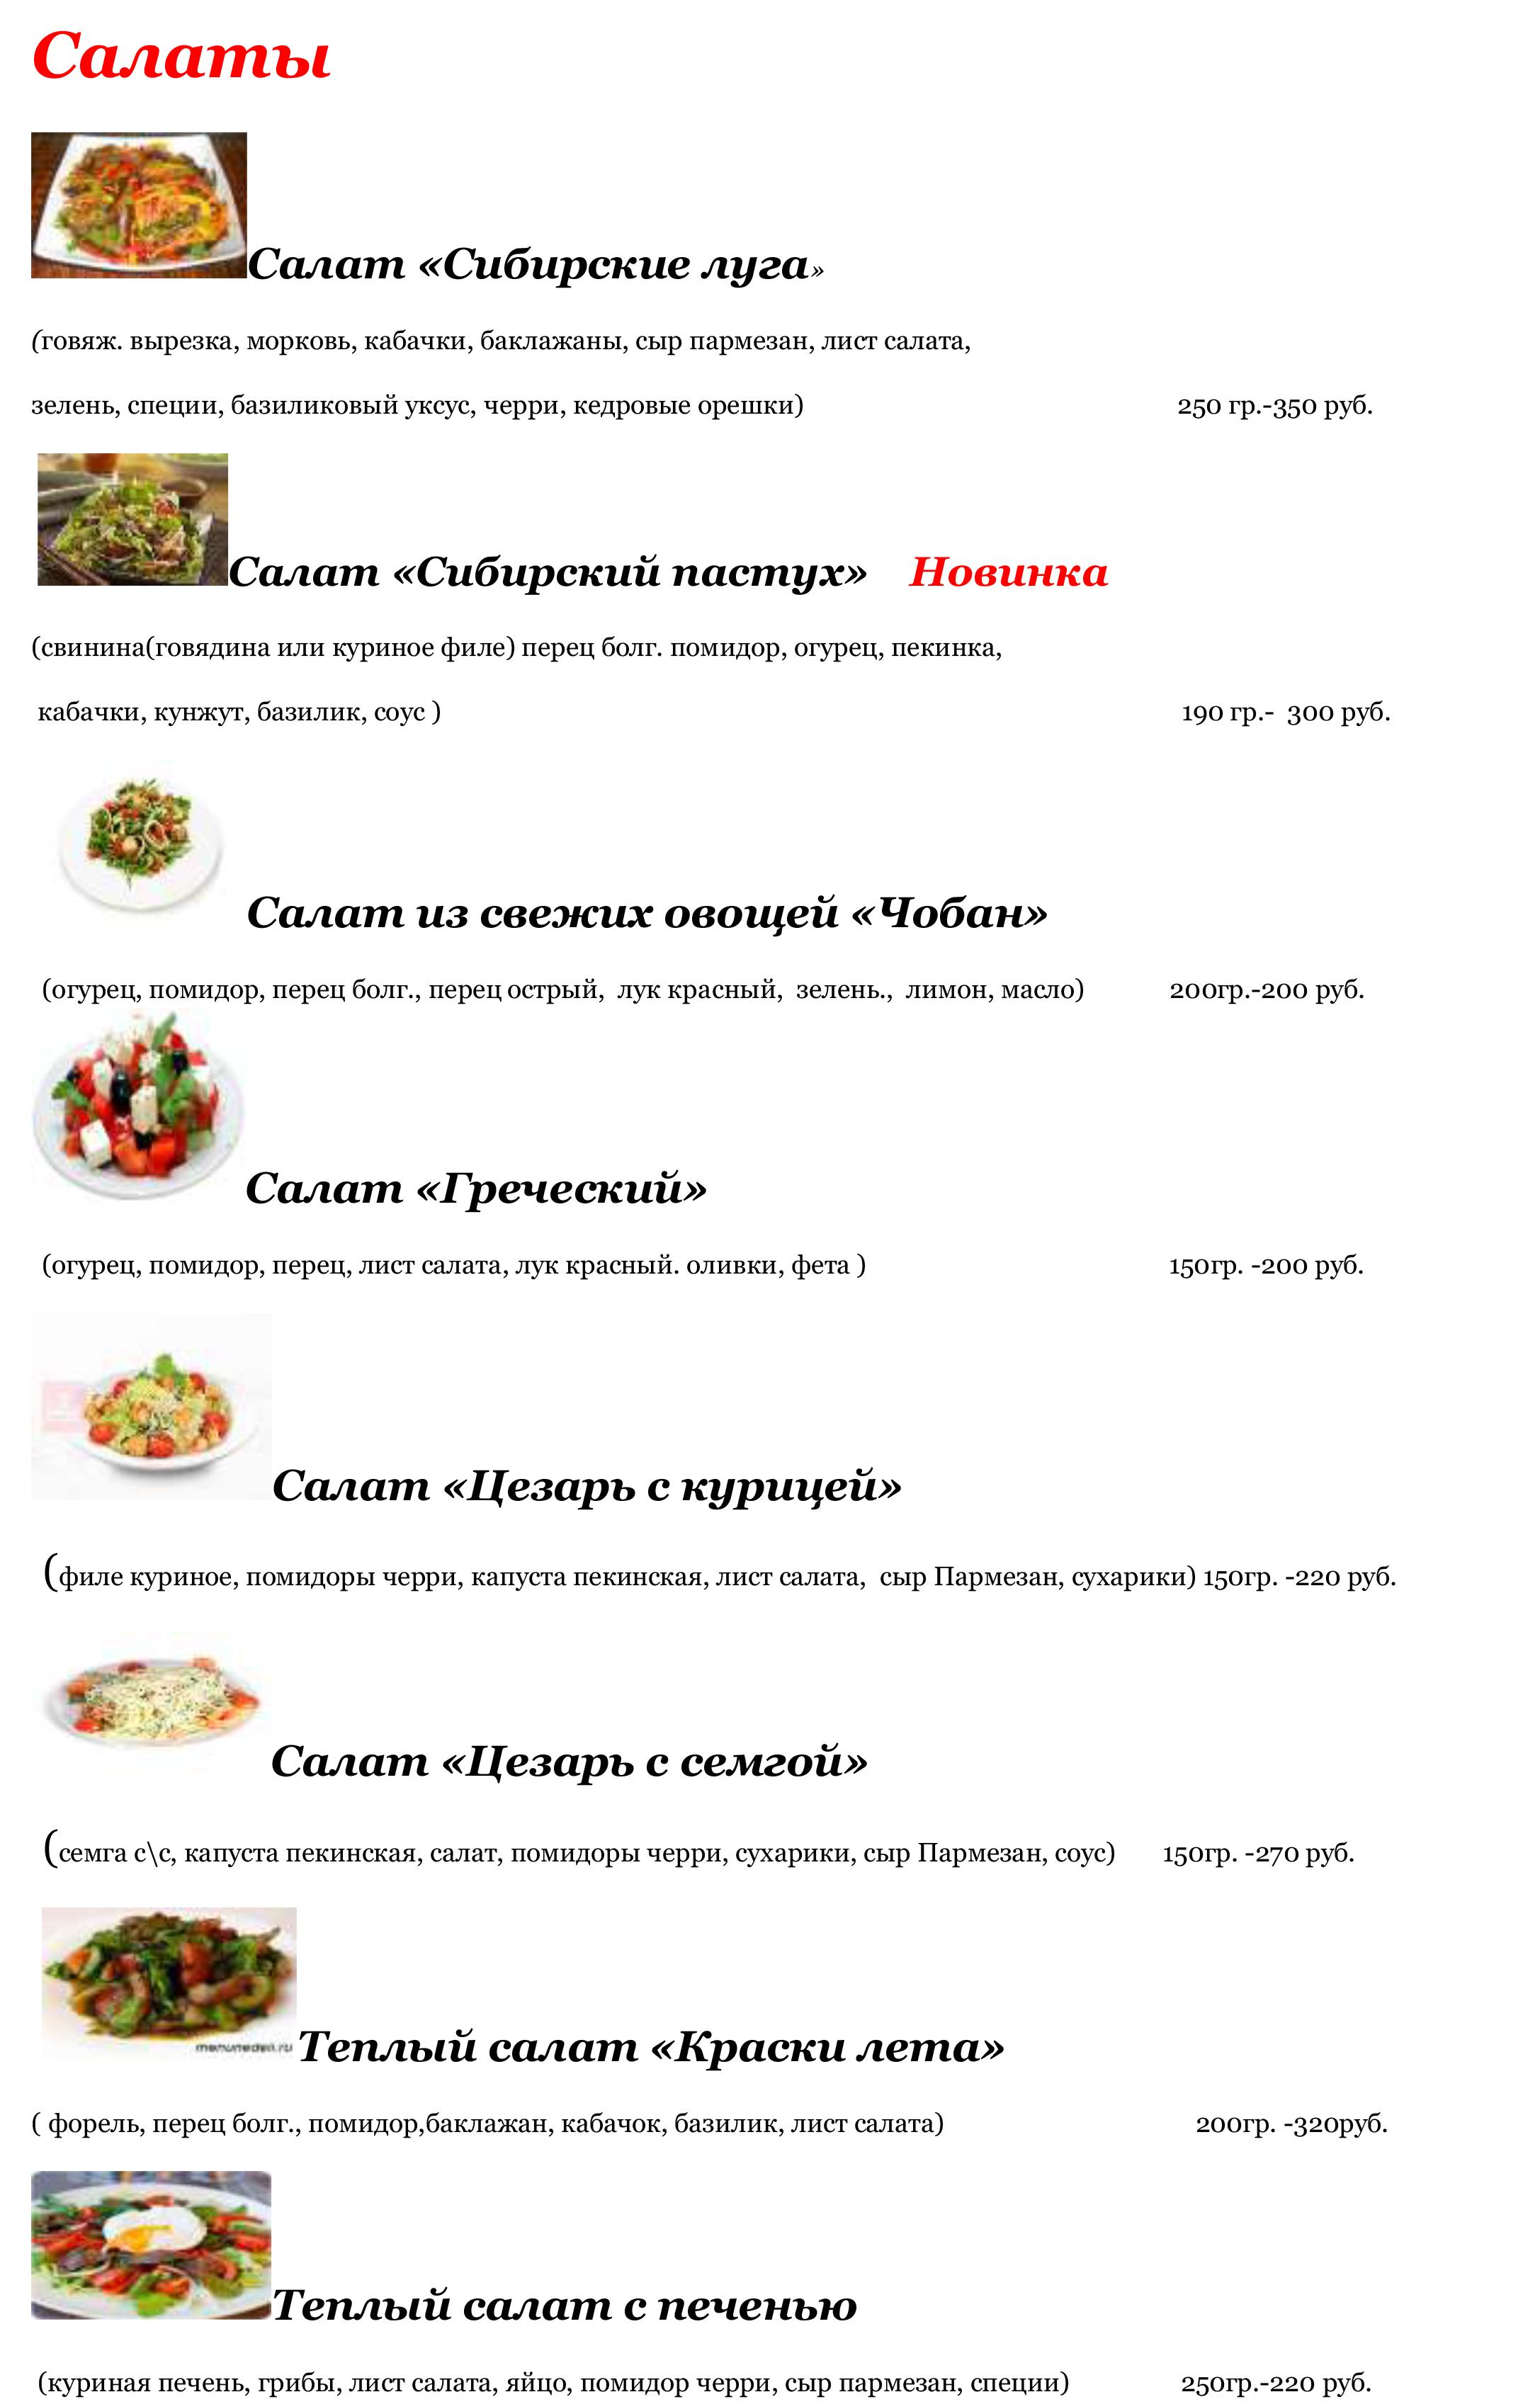 Меню кафе Сибирские луга 4